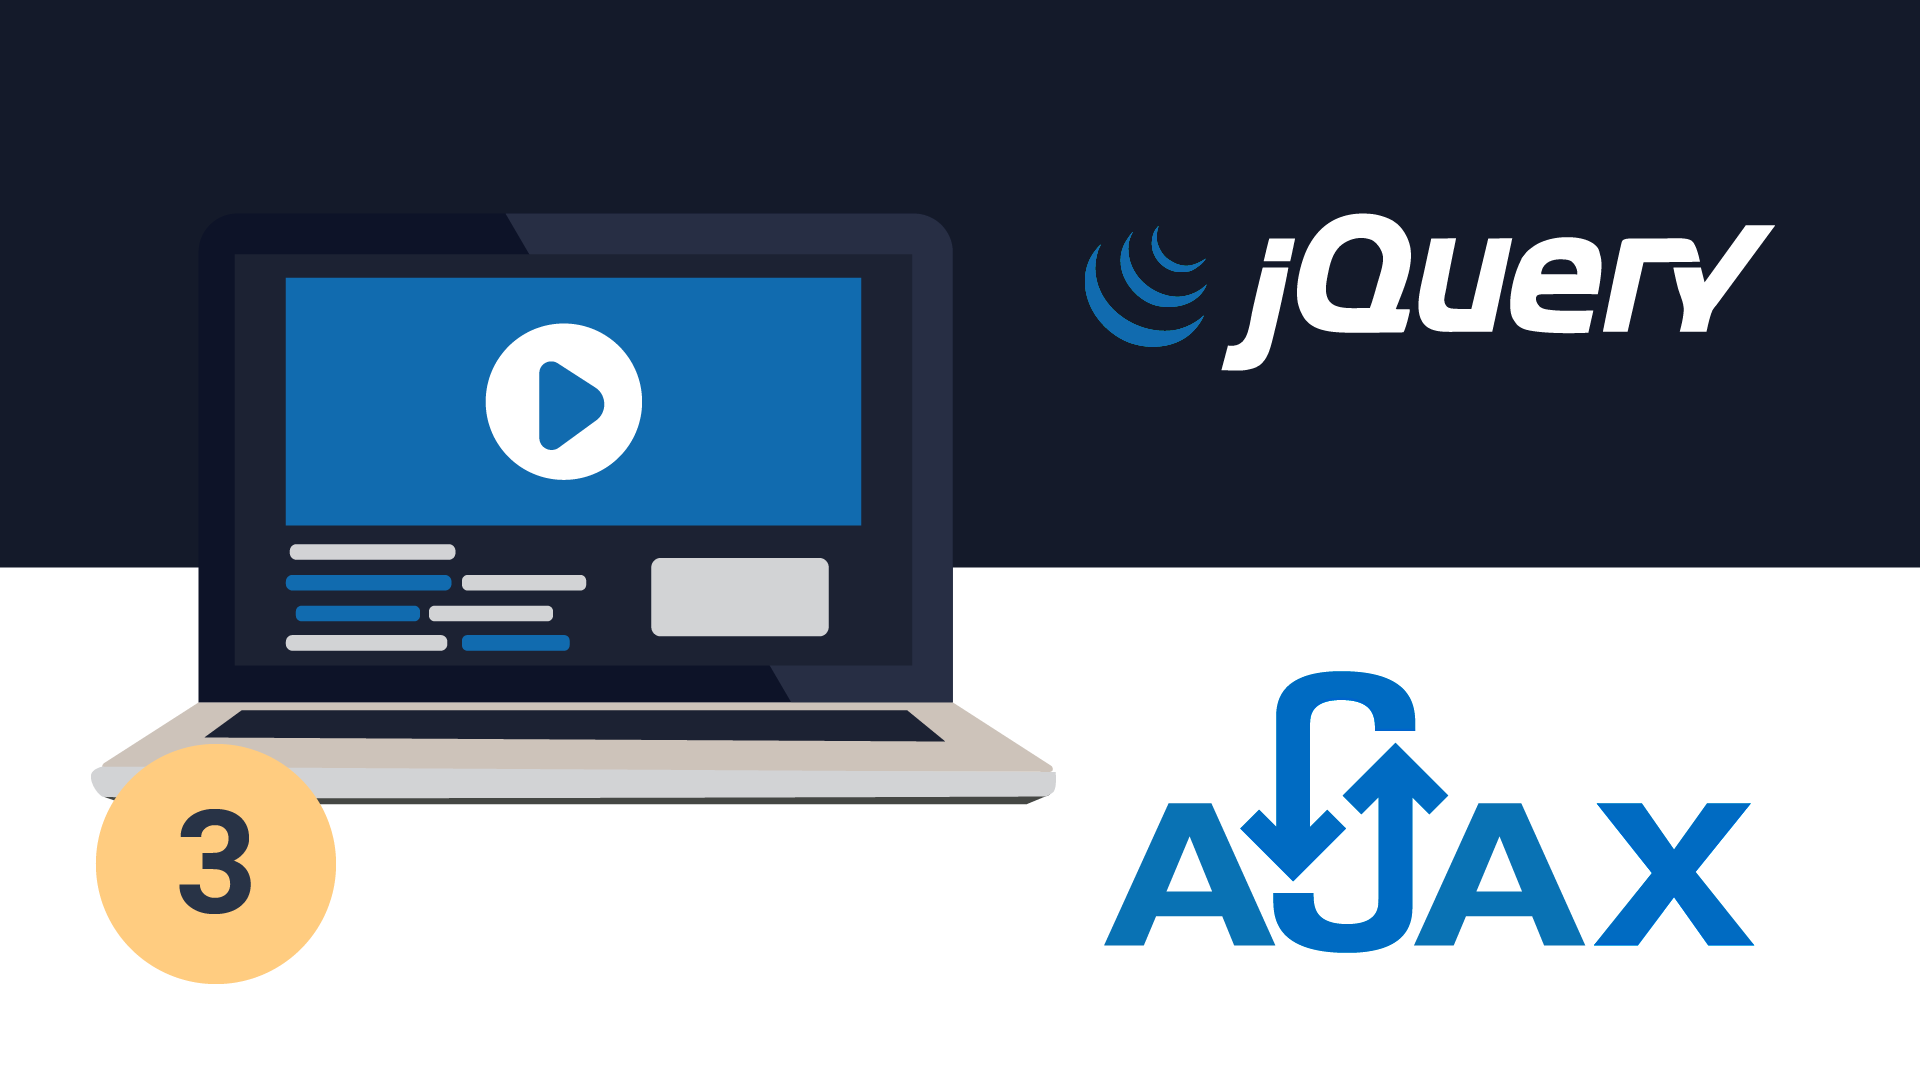 Вебинар Разработка интерактивных веб-приложений с использованием JQUERY+AJAX. Часть III фото